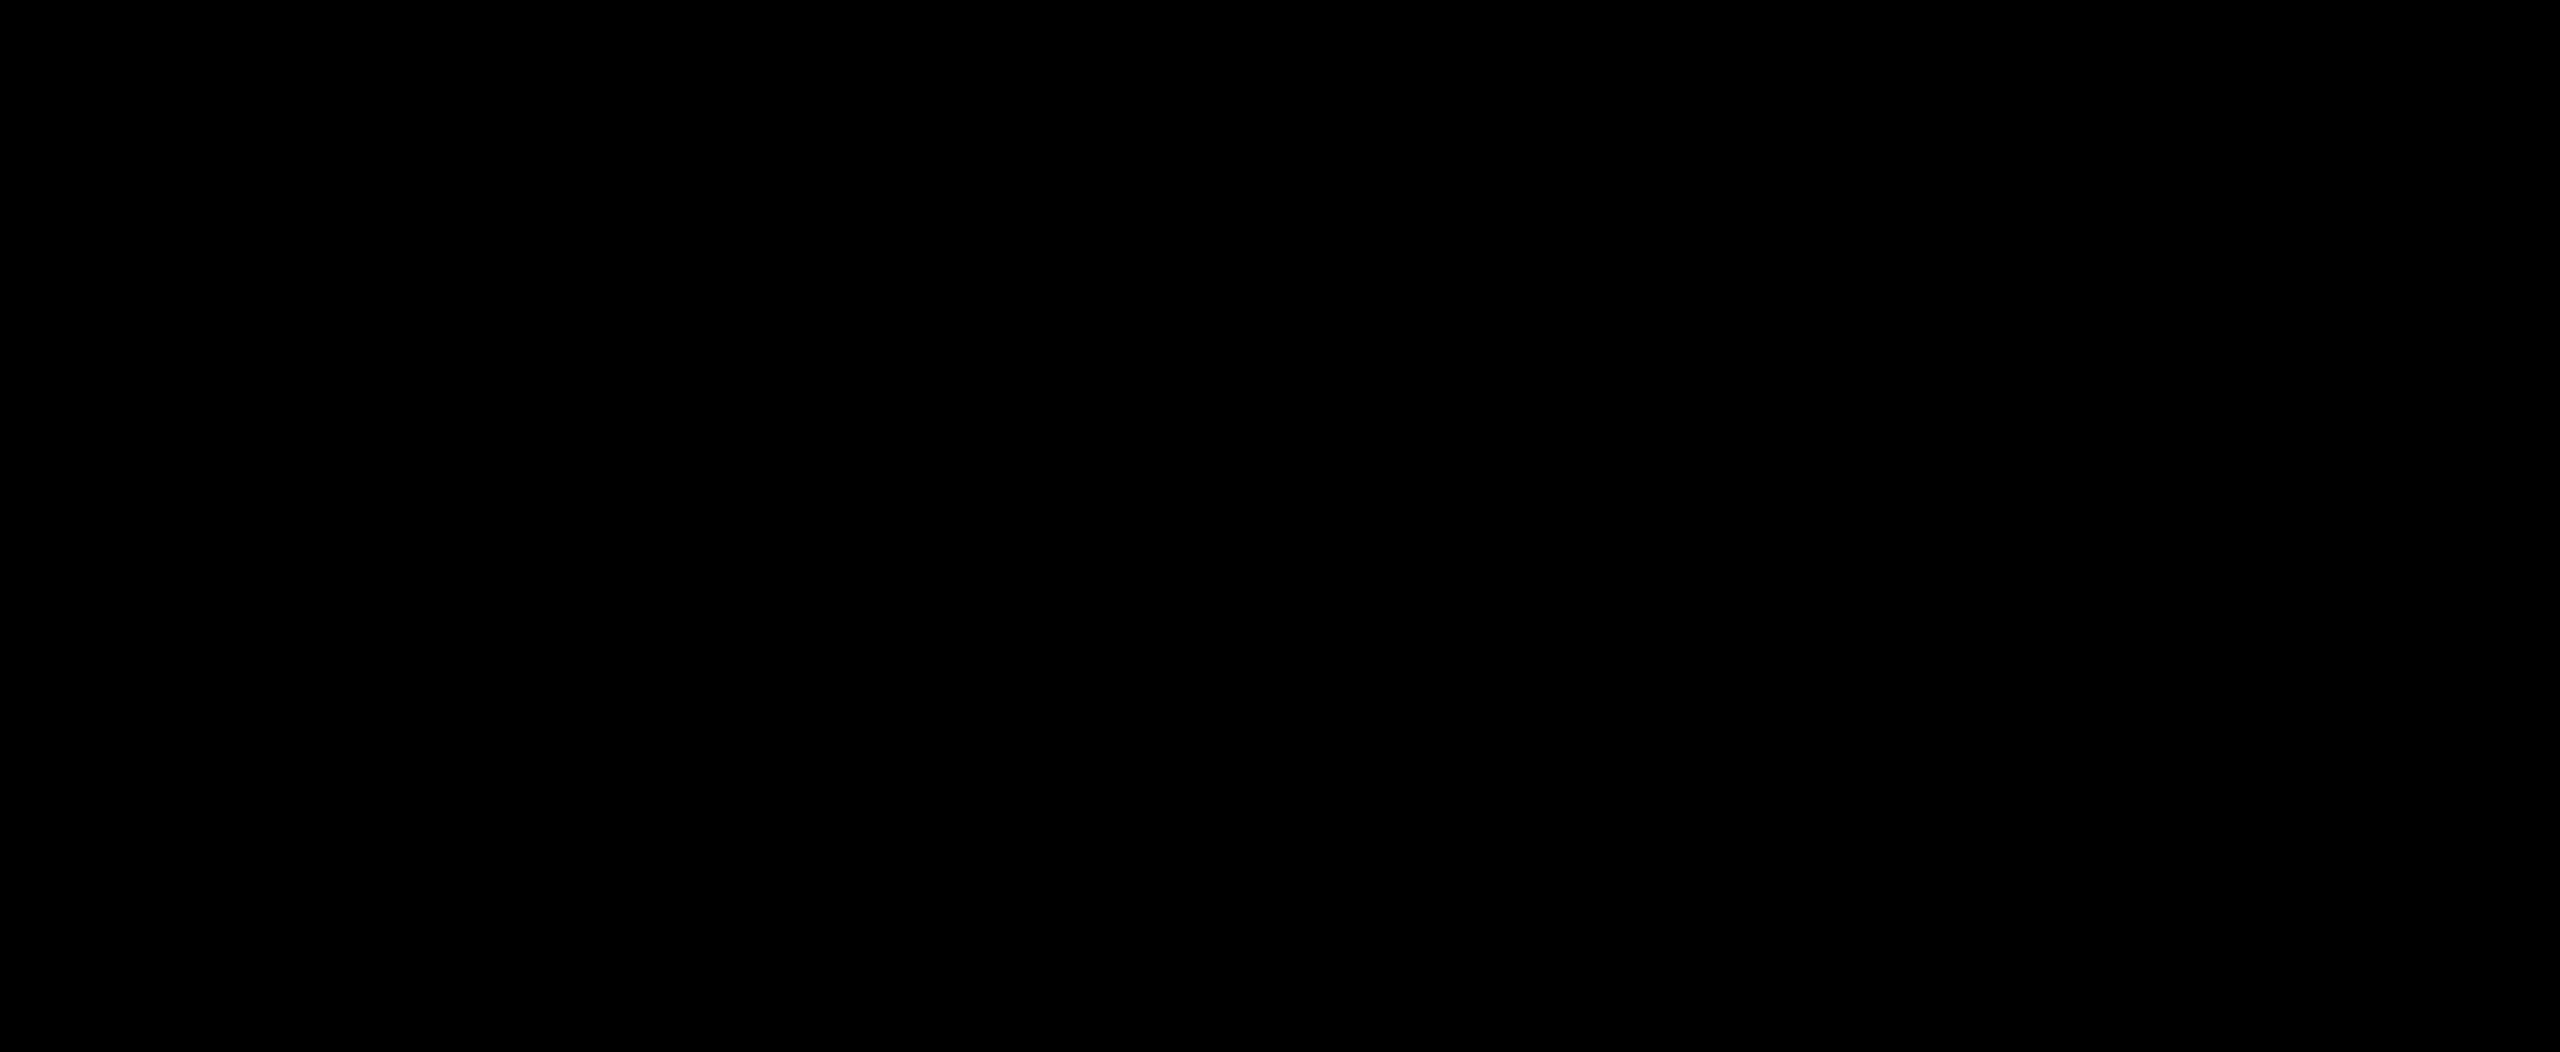 waterblur